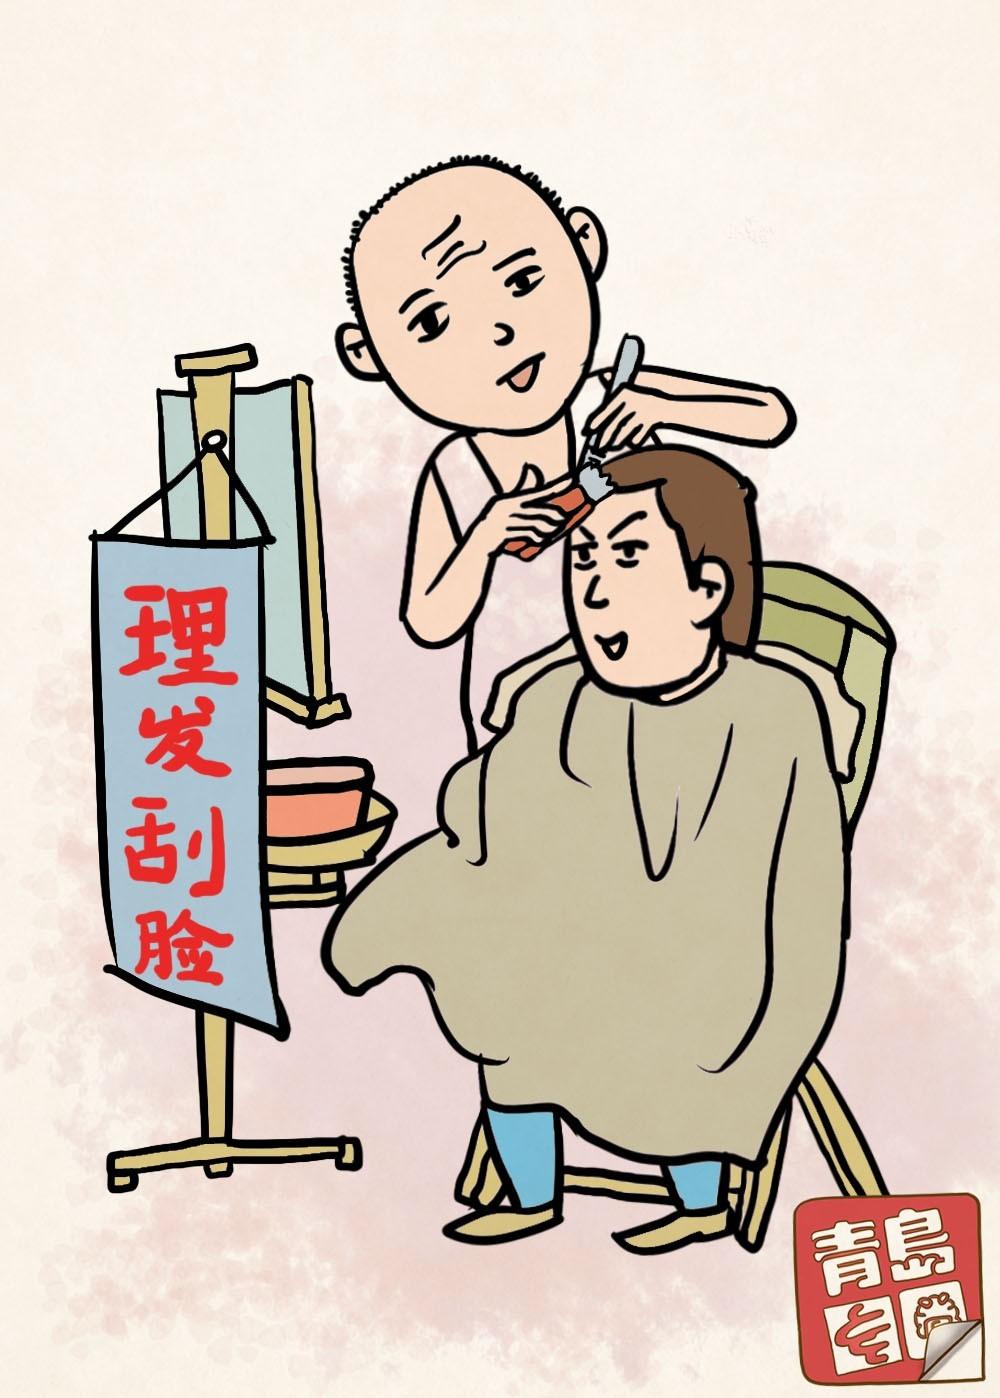 文/孙姑娘 漫画/饭桶哥